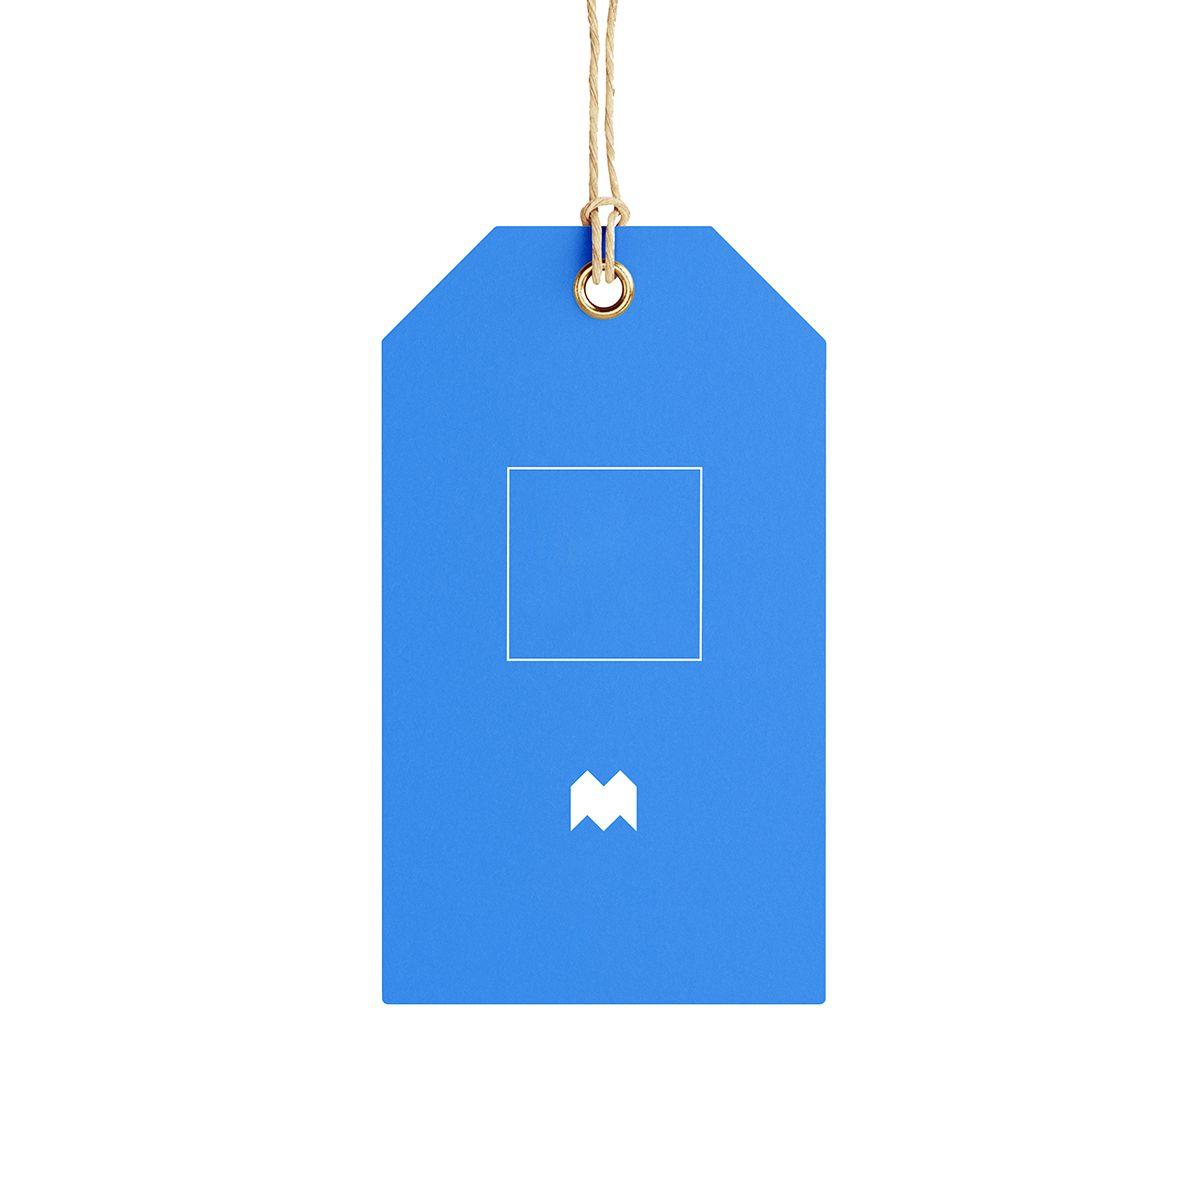 Insta Print Marketing Material .jpg